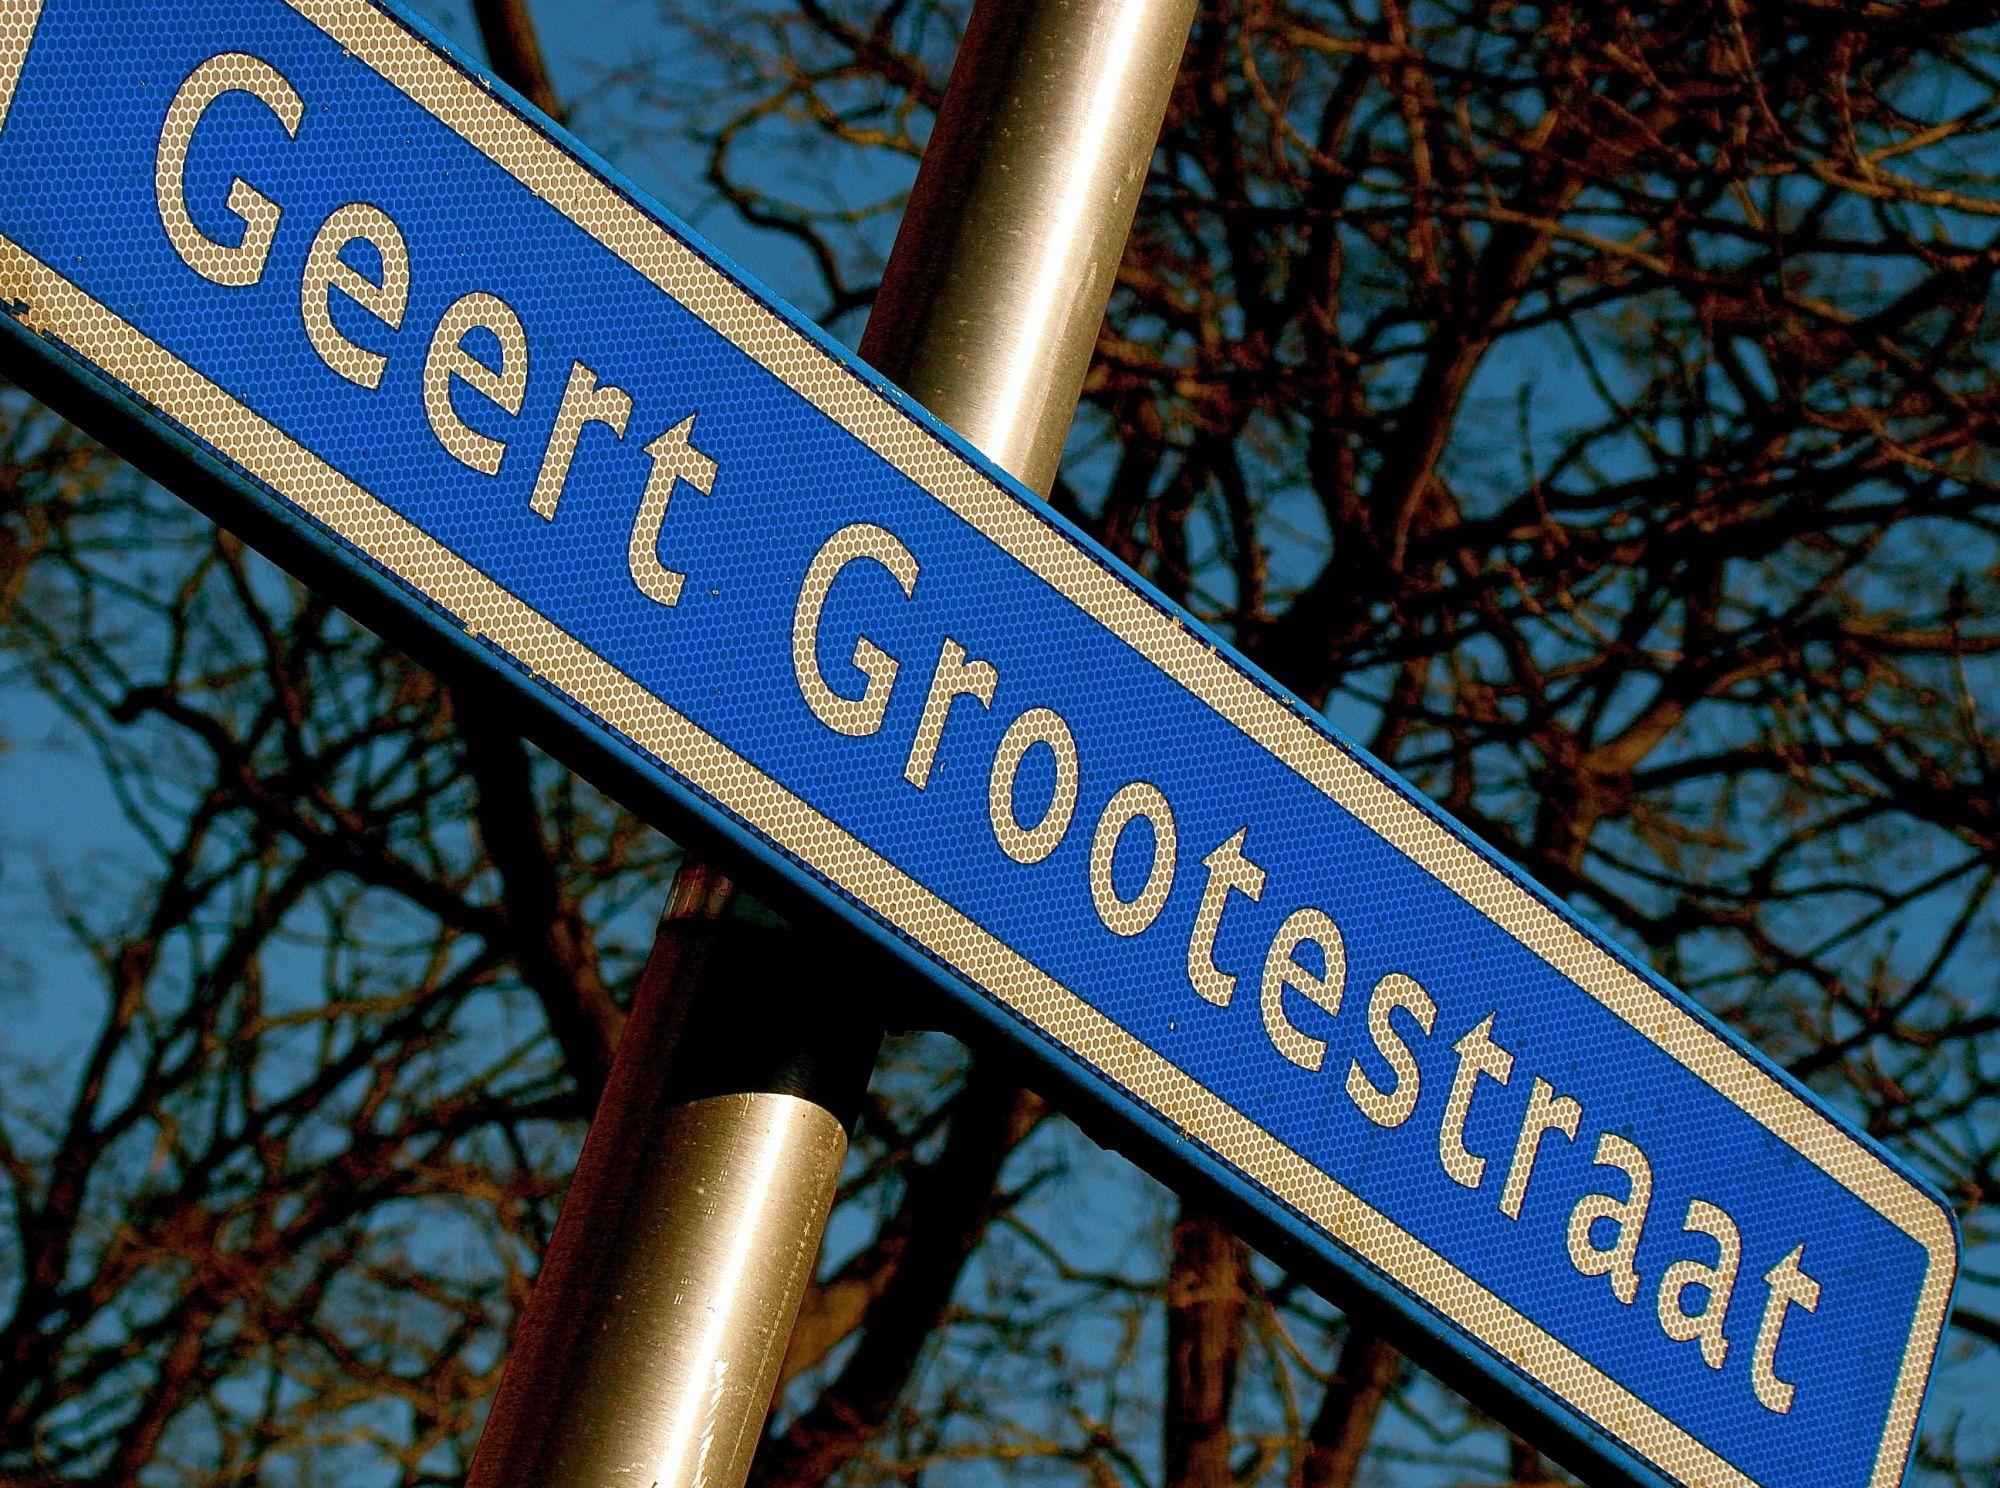 Huisartsenpraktijk Takens en Zuidwijk